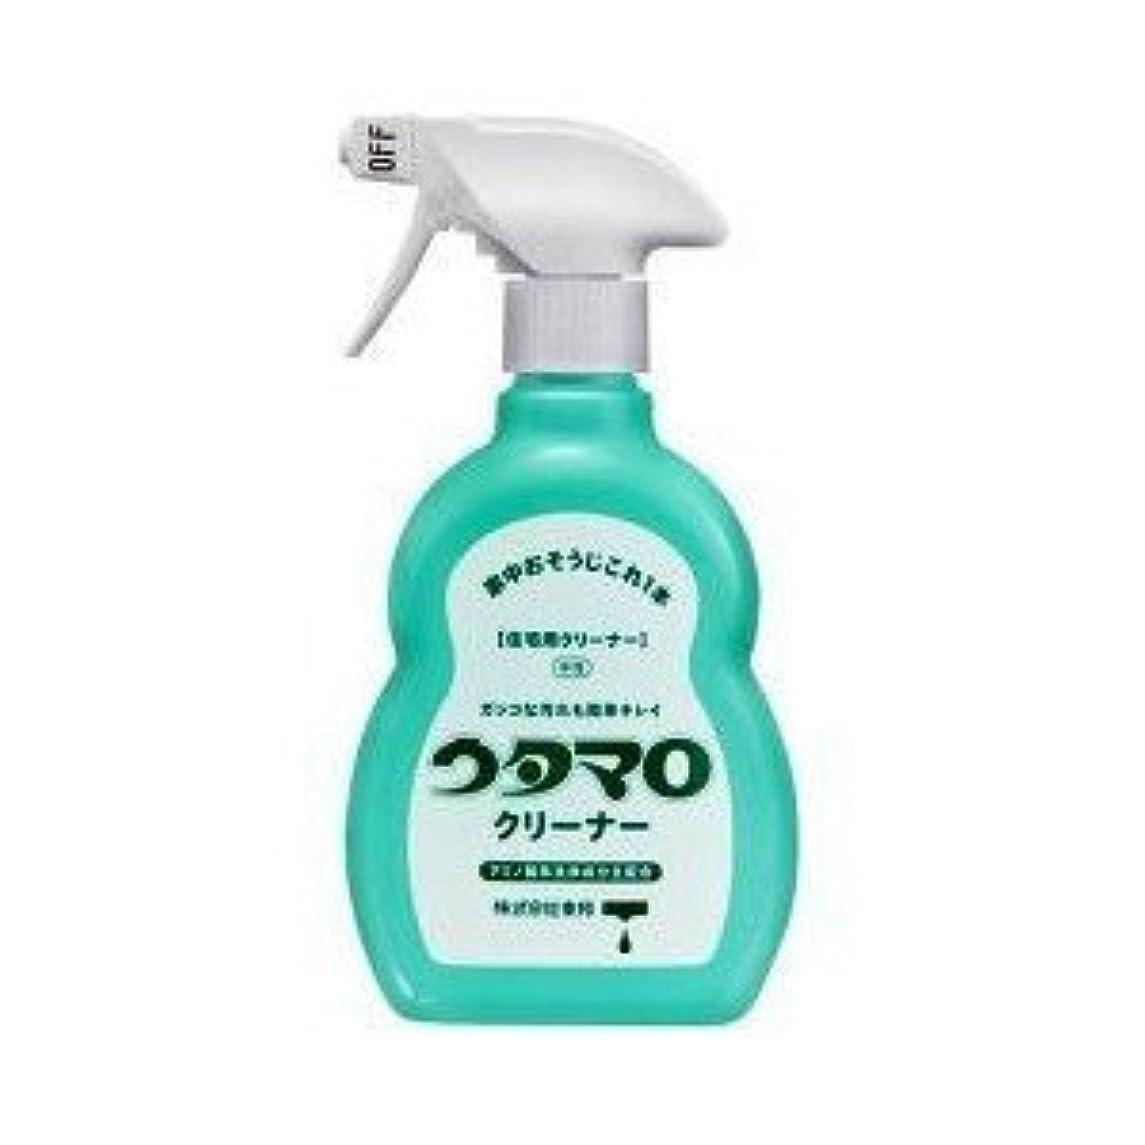 反響するキウイ服を着るウタマロ クリーナー 400ml 洗剤 住居用 アミノ酸系洗浄成分主配合 さわやかなグリーンハーブの香り